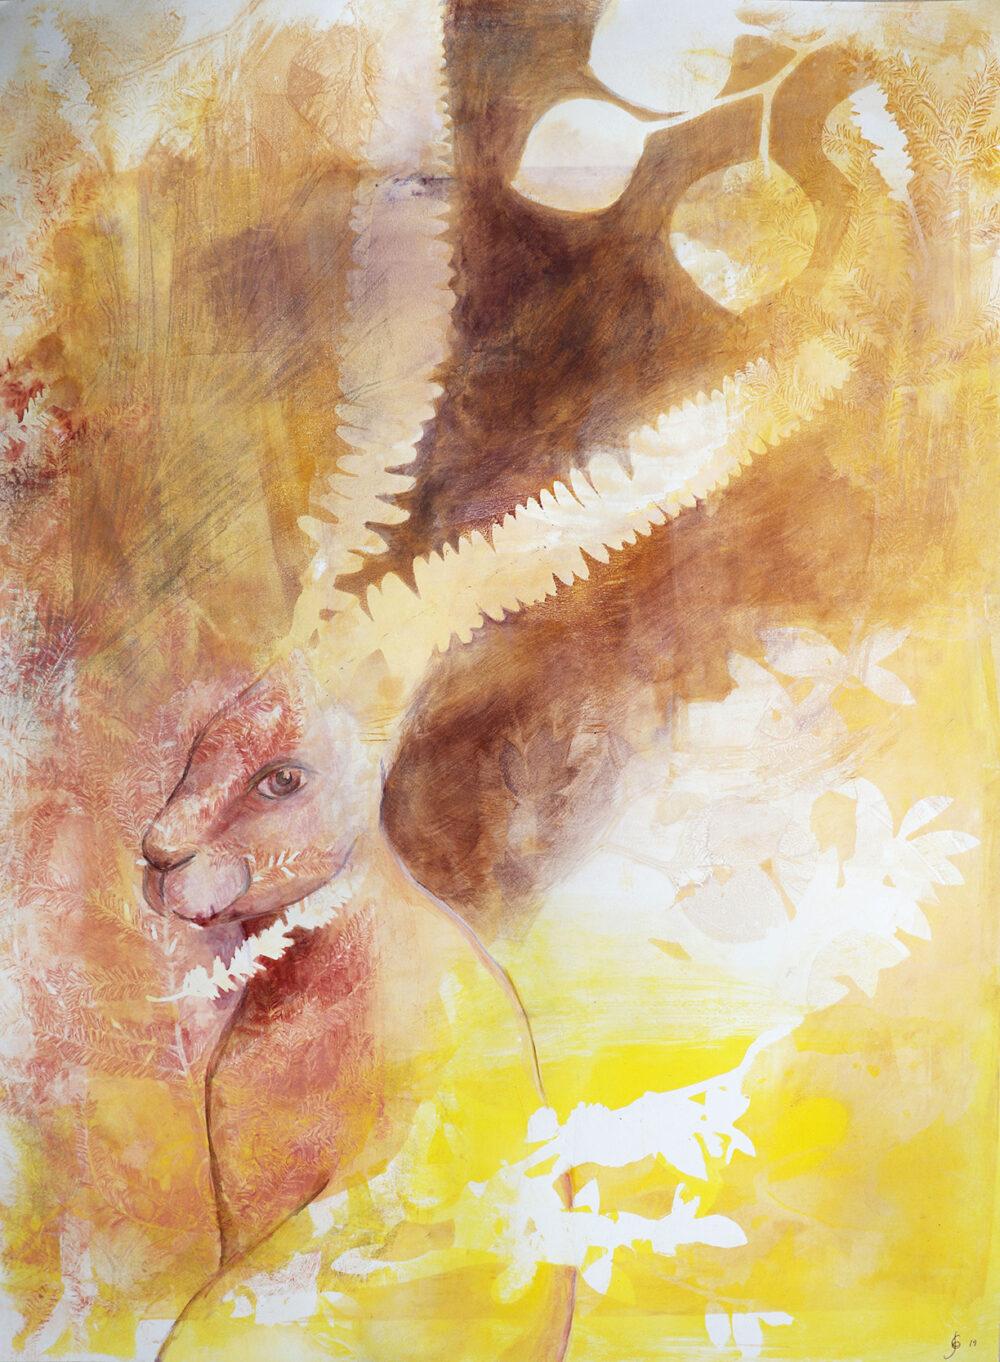 peinture-lievre-profil-artiste-peintre-carine-genadry